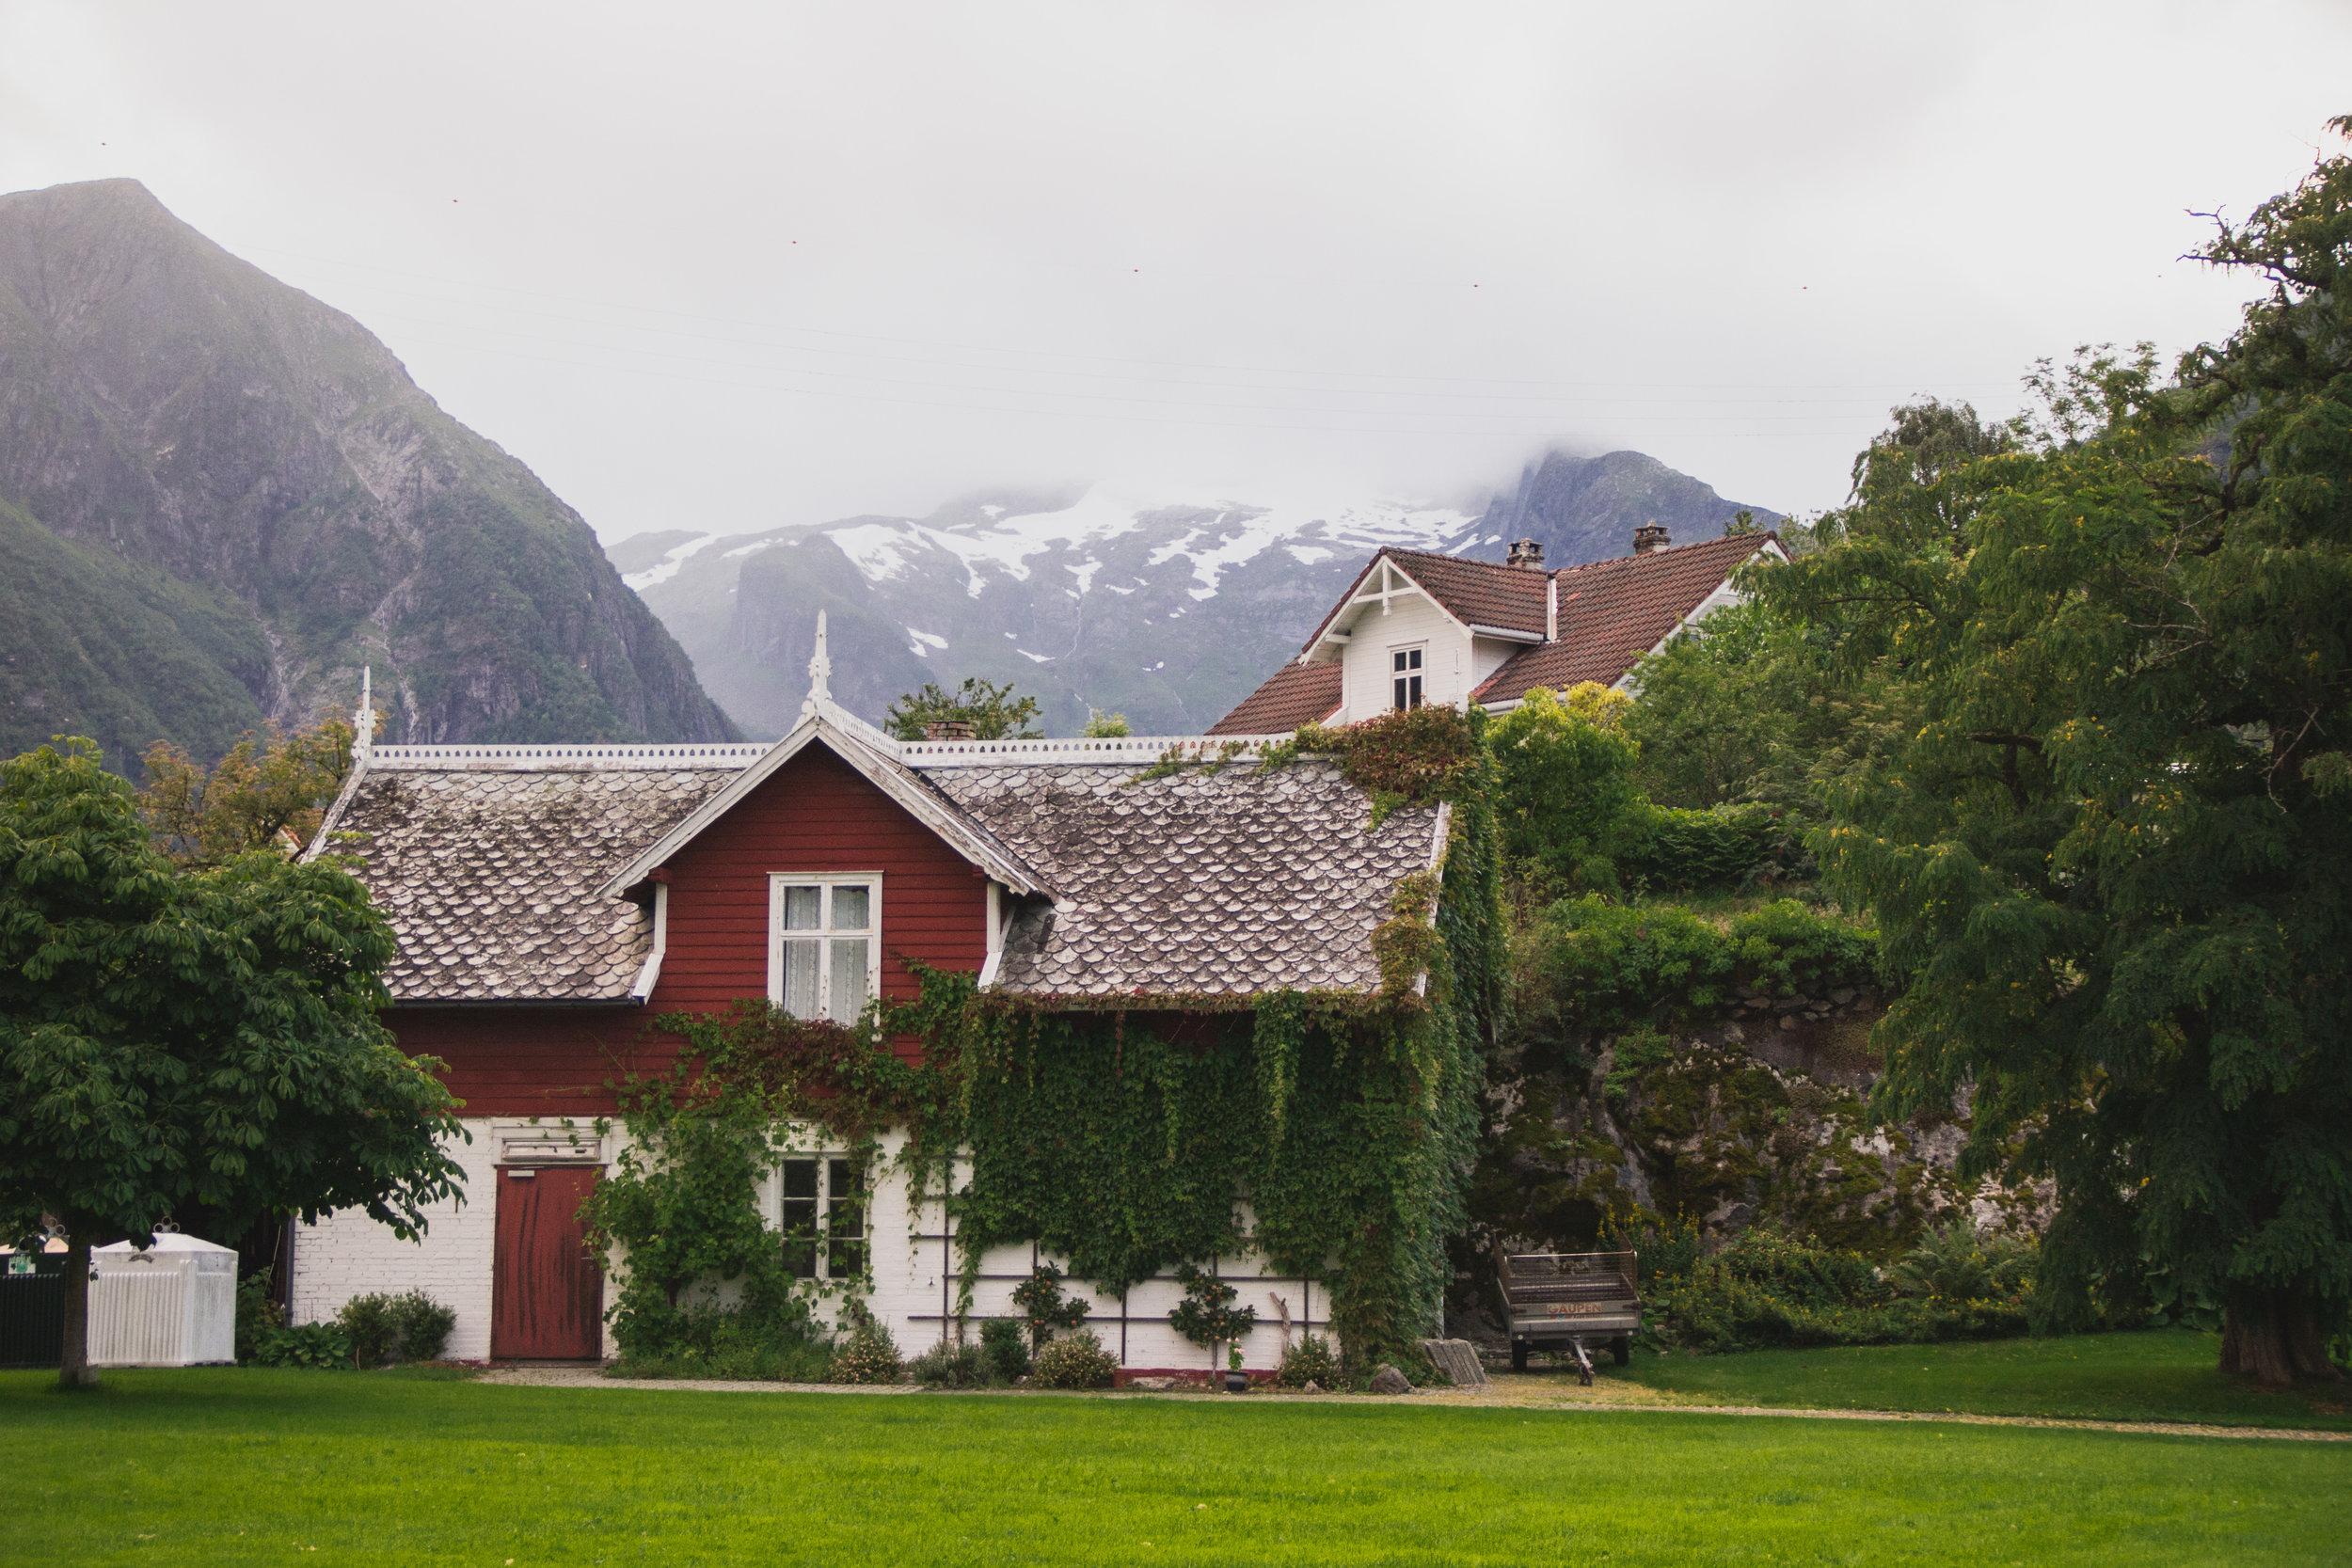 norway saint olaf house-55.jpg